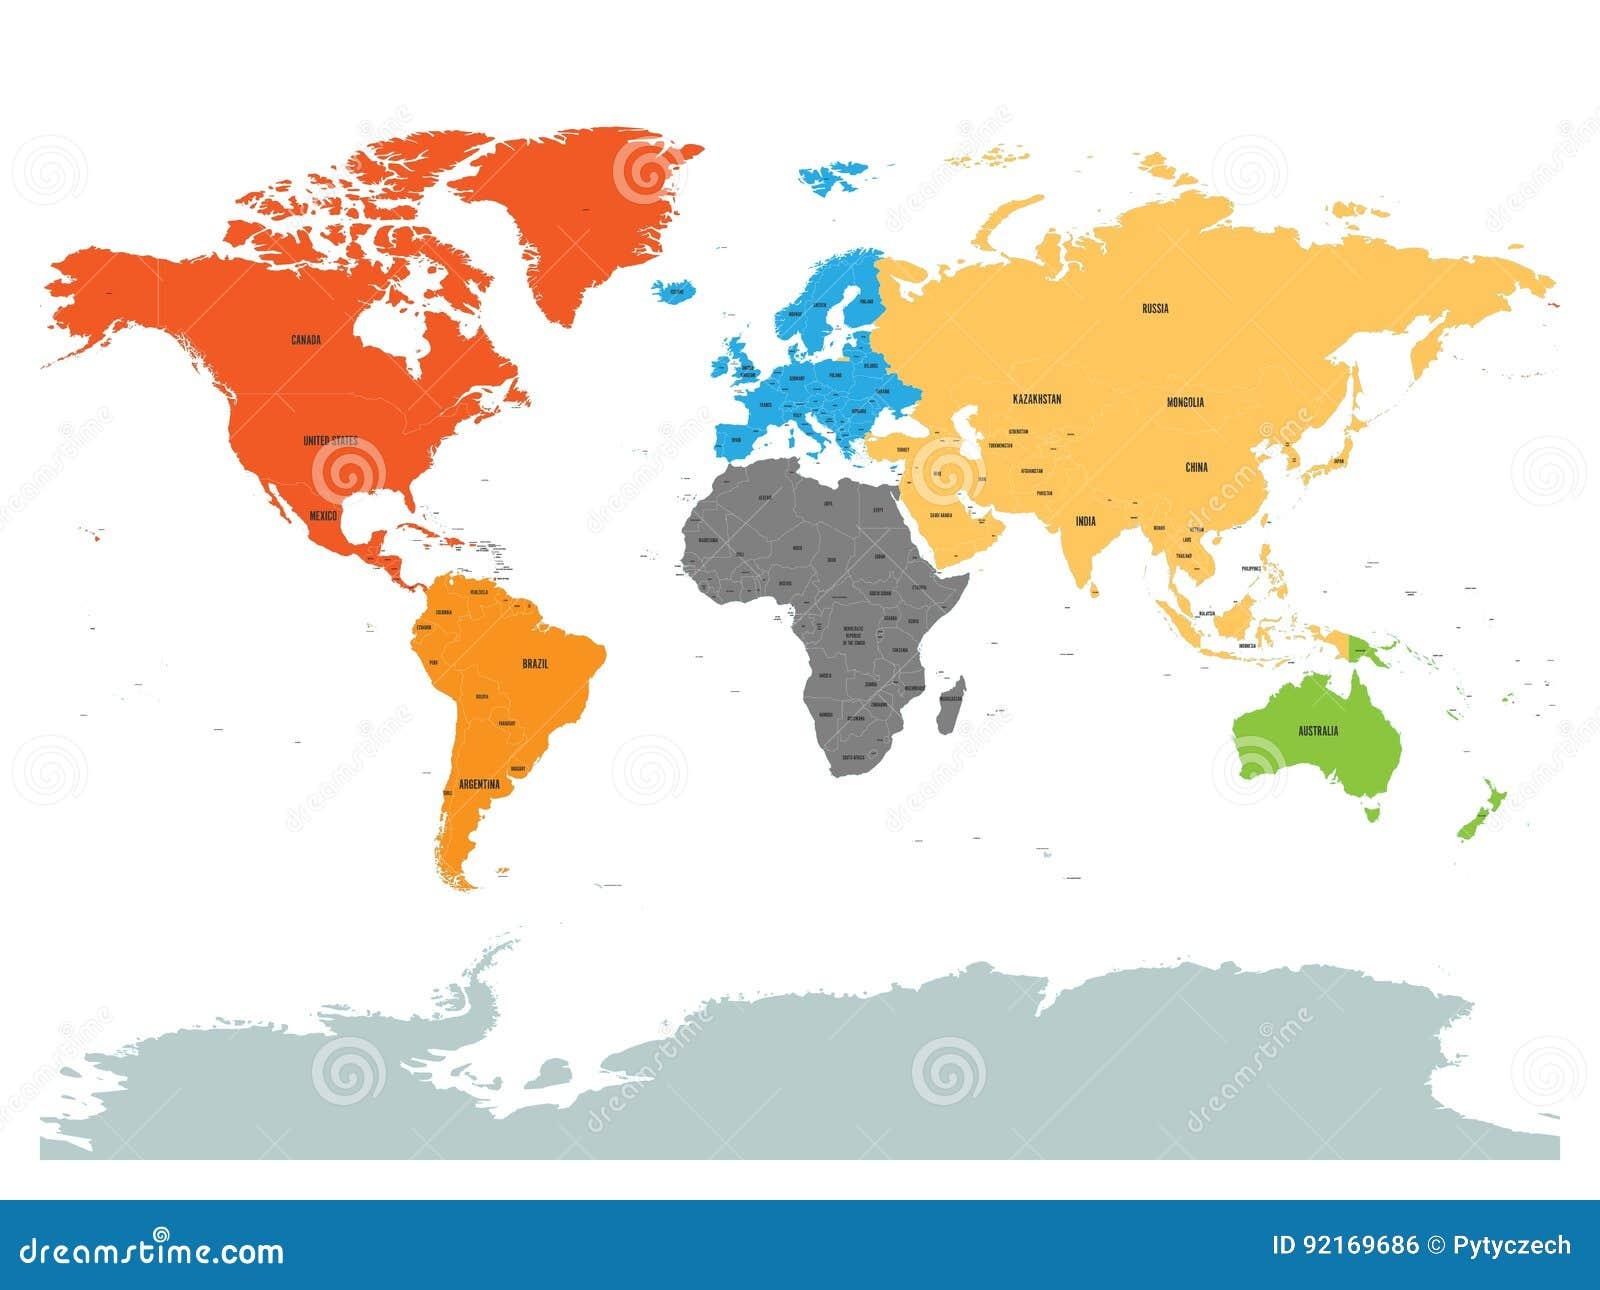 Karte Kontinente Welt.Politische Karte Der Welt Mit Der Antarktis Kontinente In